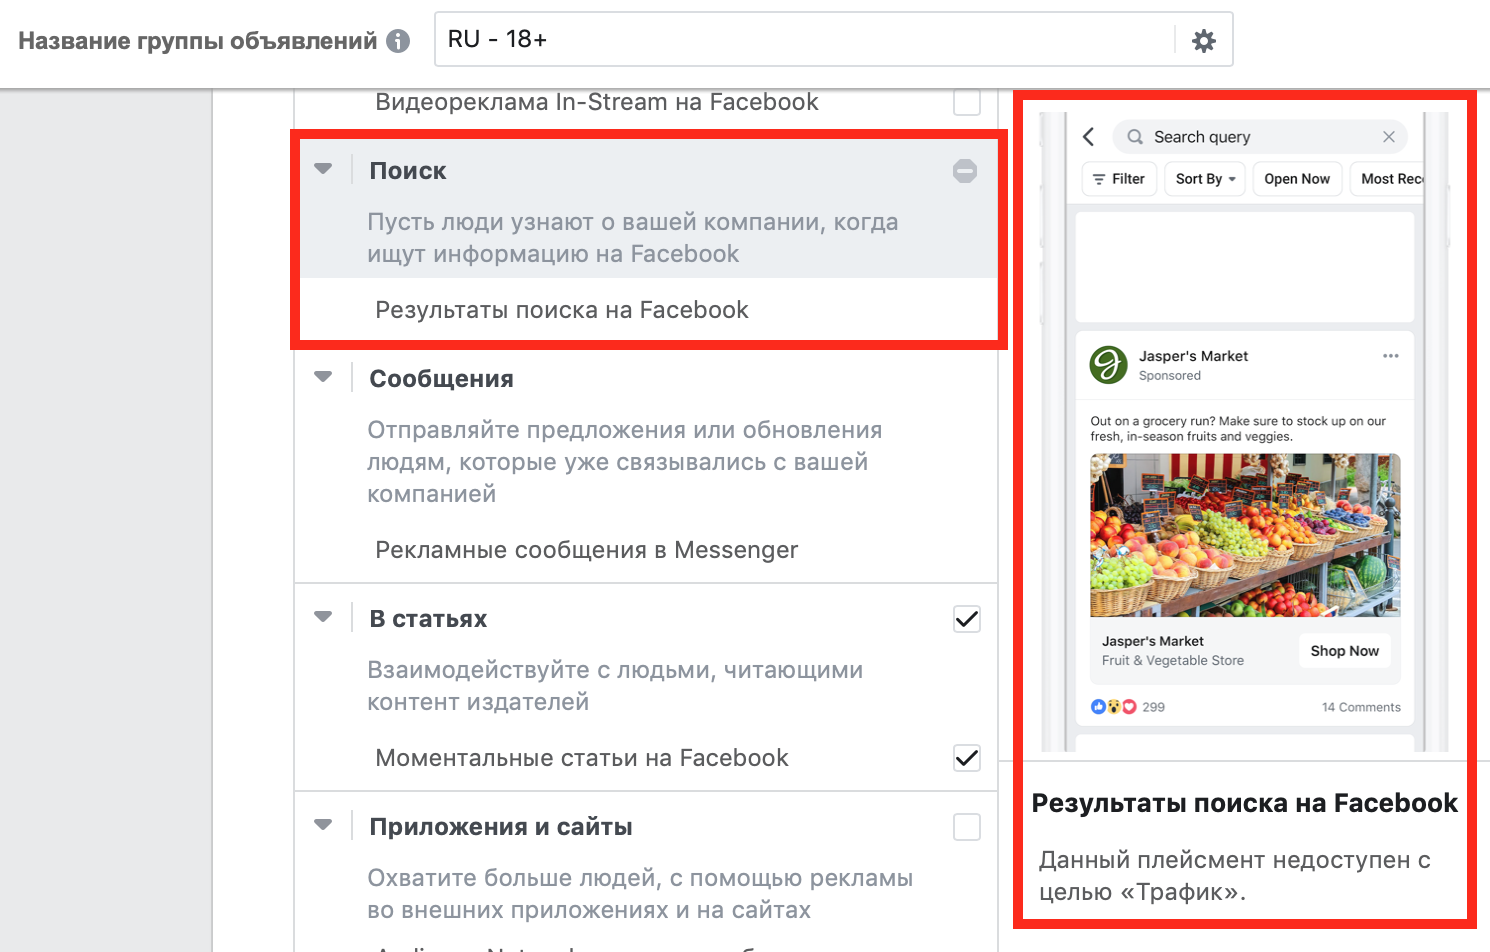 Реклама в результатах поиска по Facebook